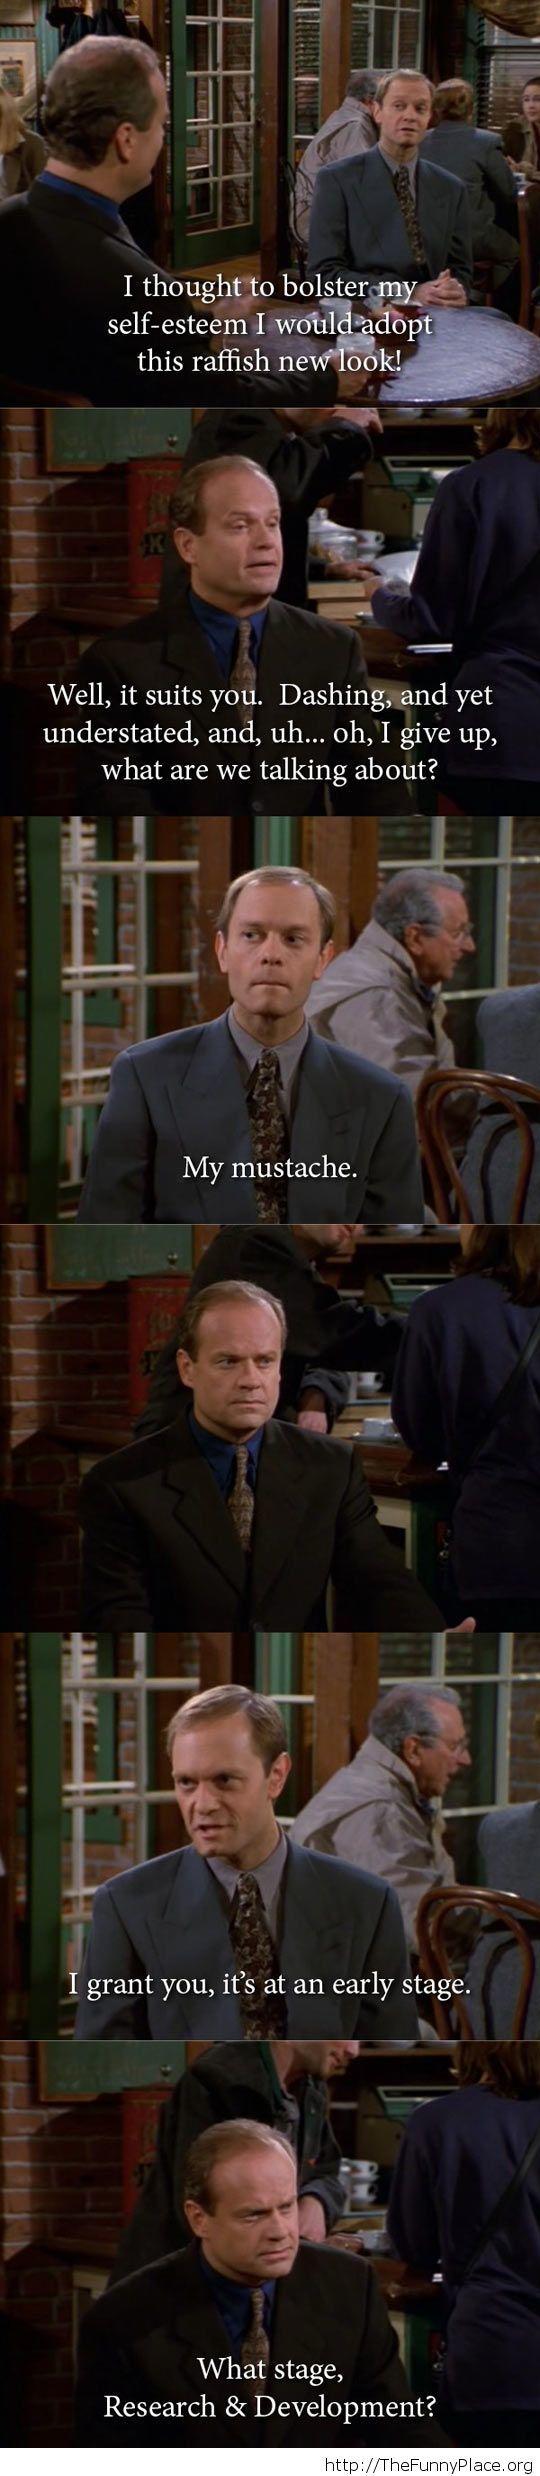 Funny moustache conversation